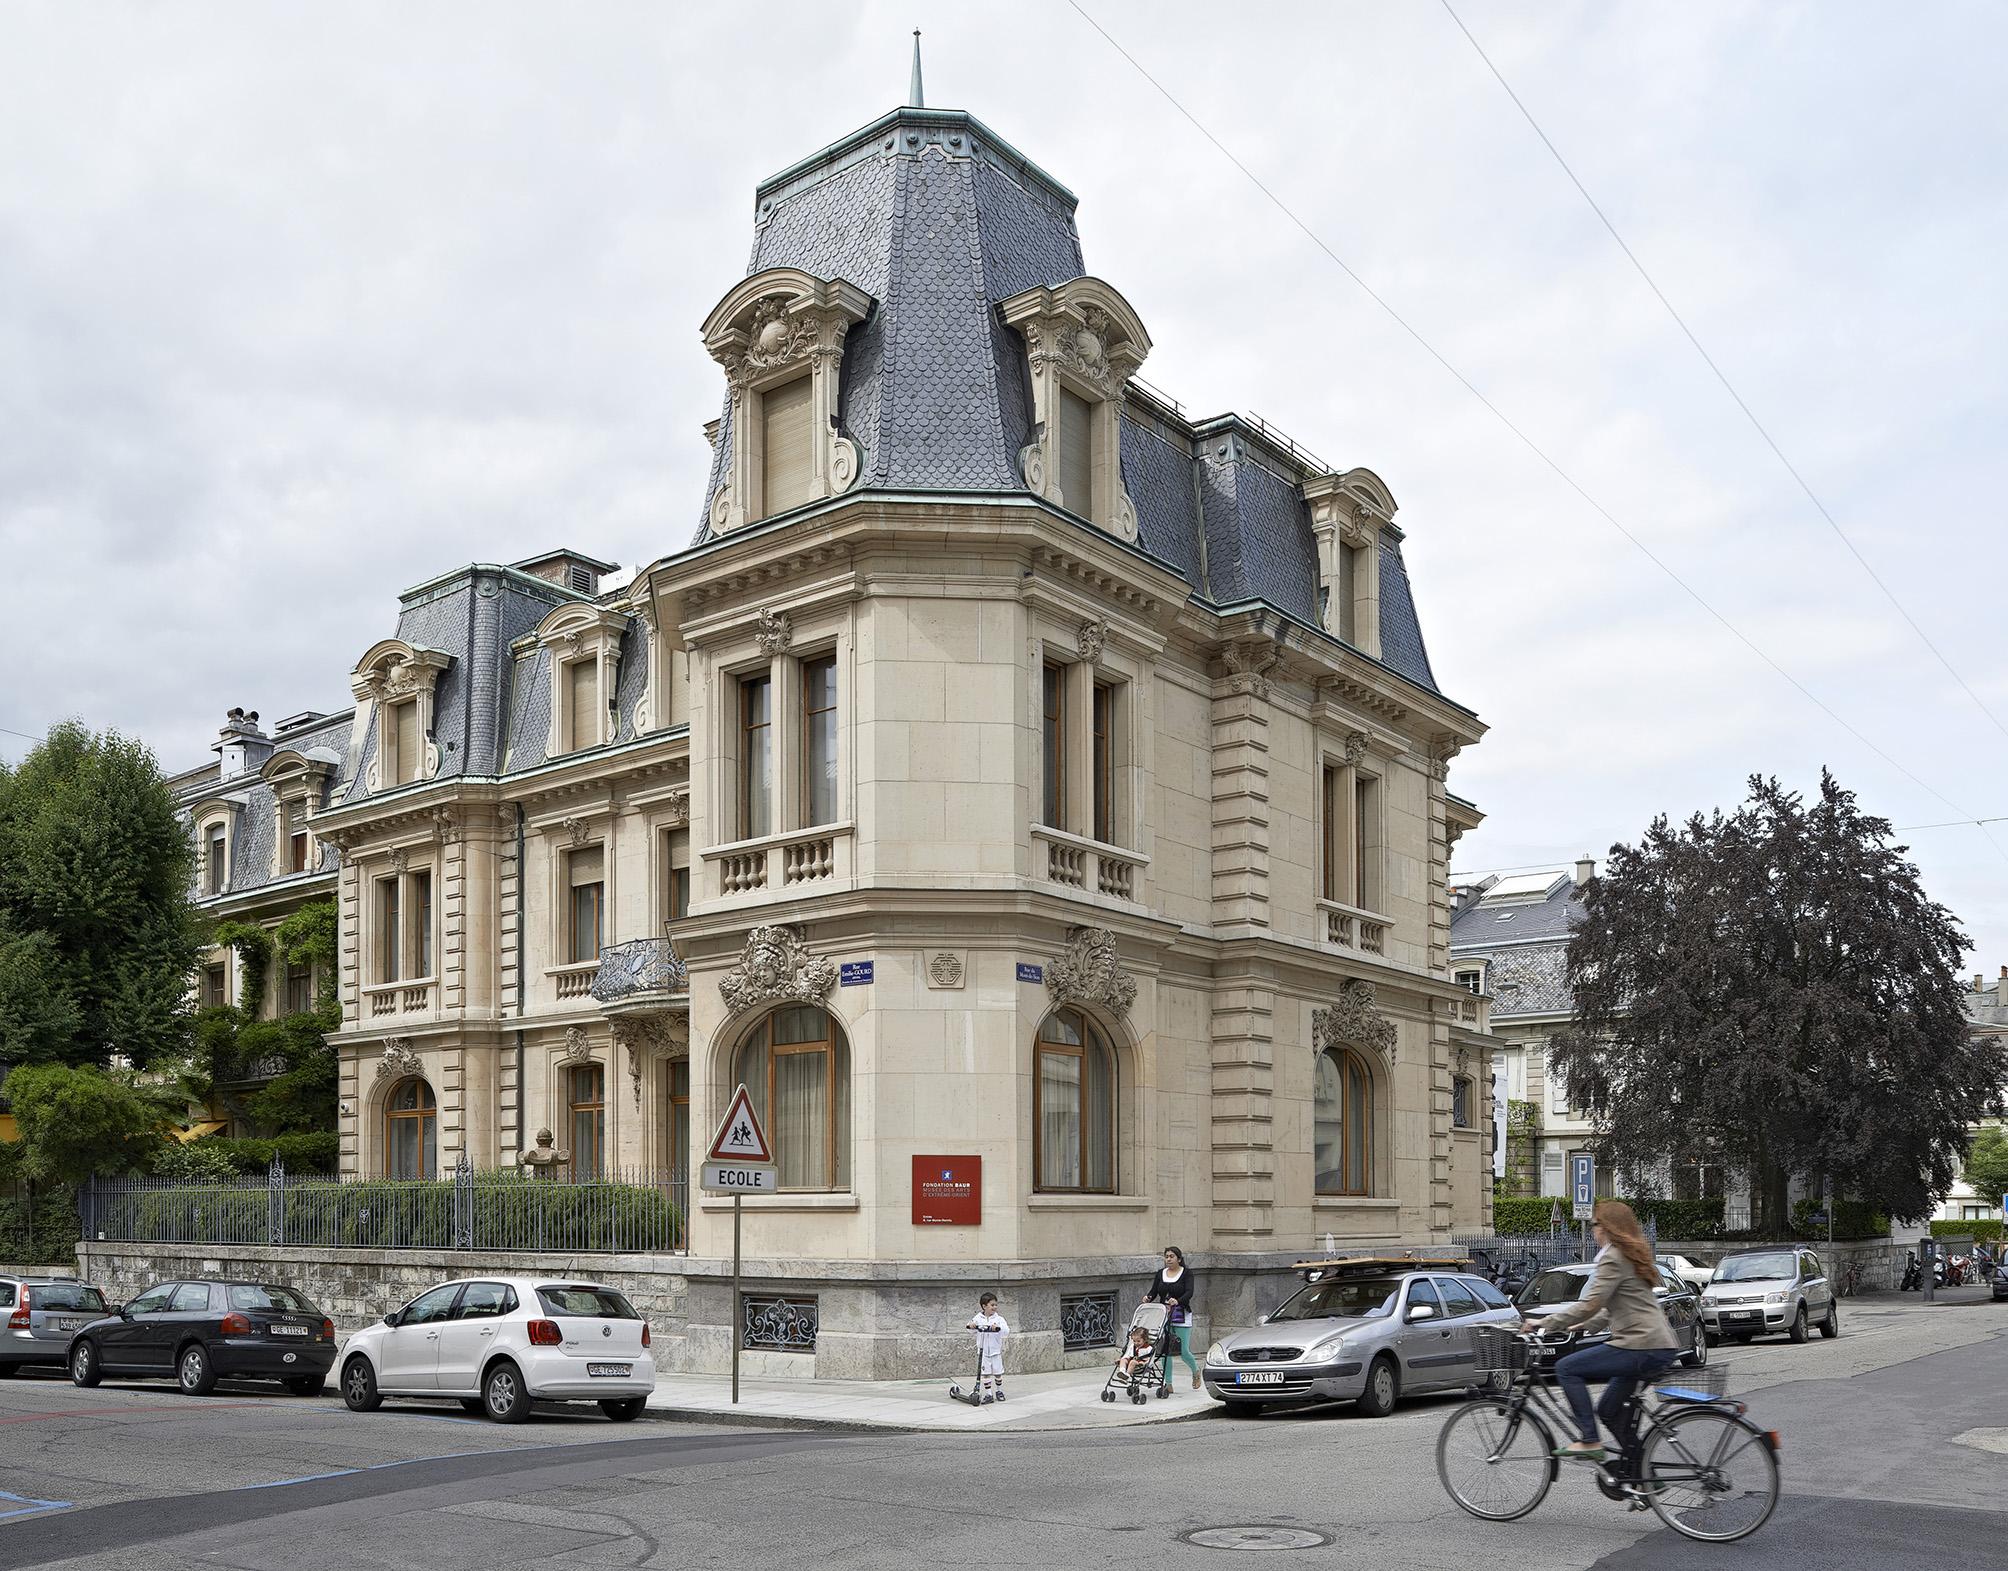 Photo de Fondation Baur, musée des arts d'Extrême-Orient